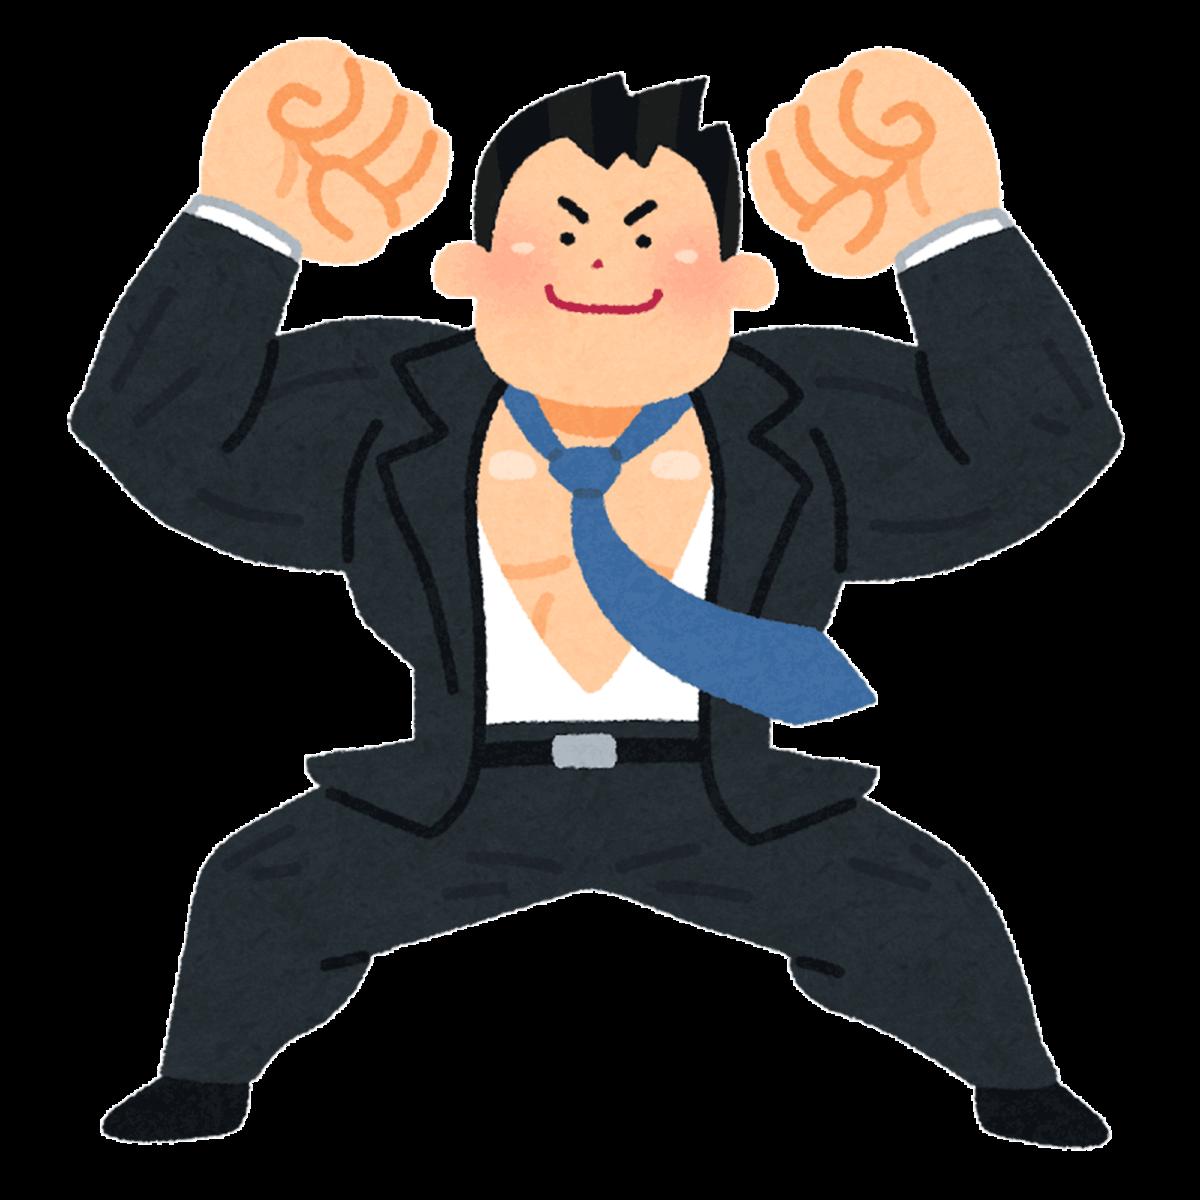 強い企業戦士のイラスト(男性)